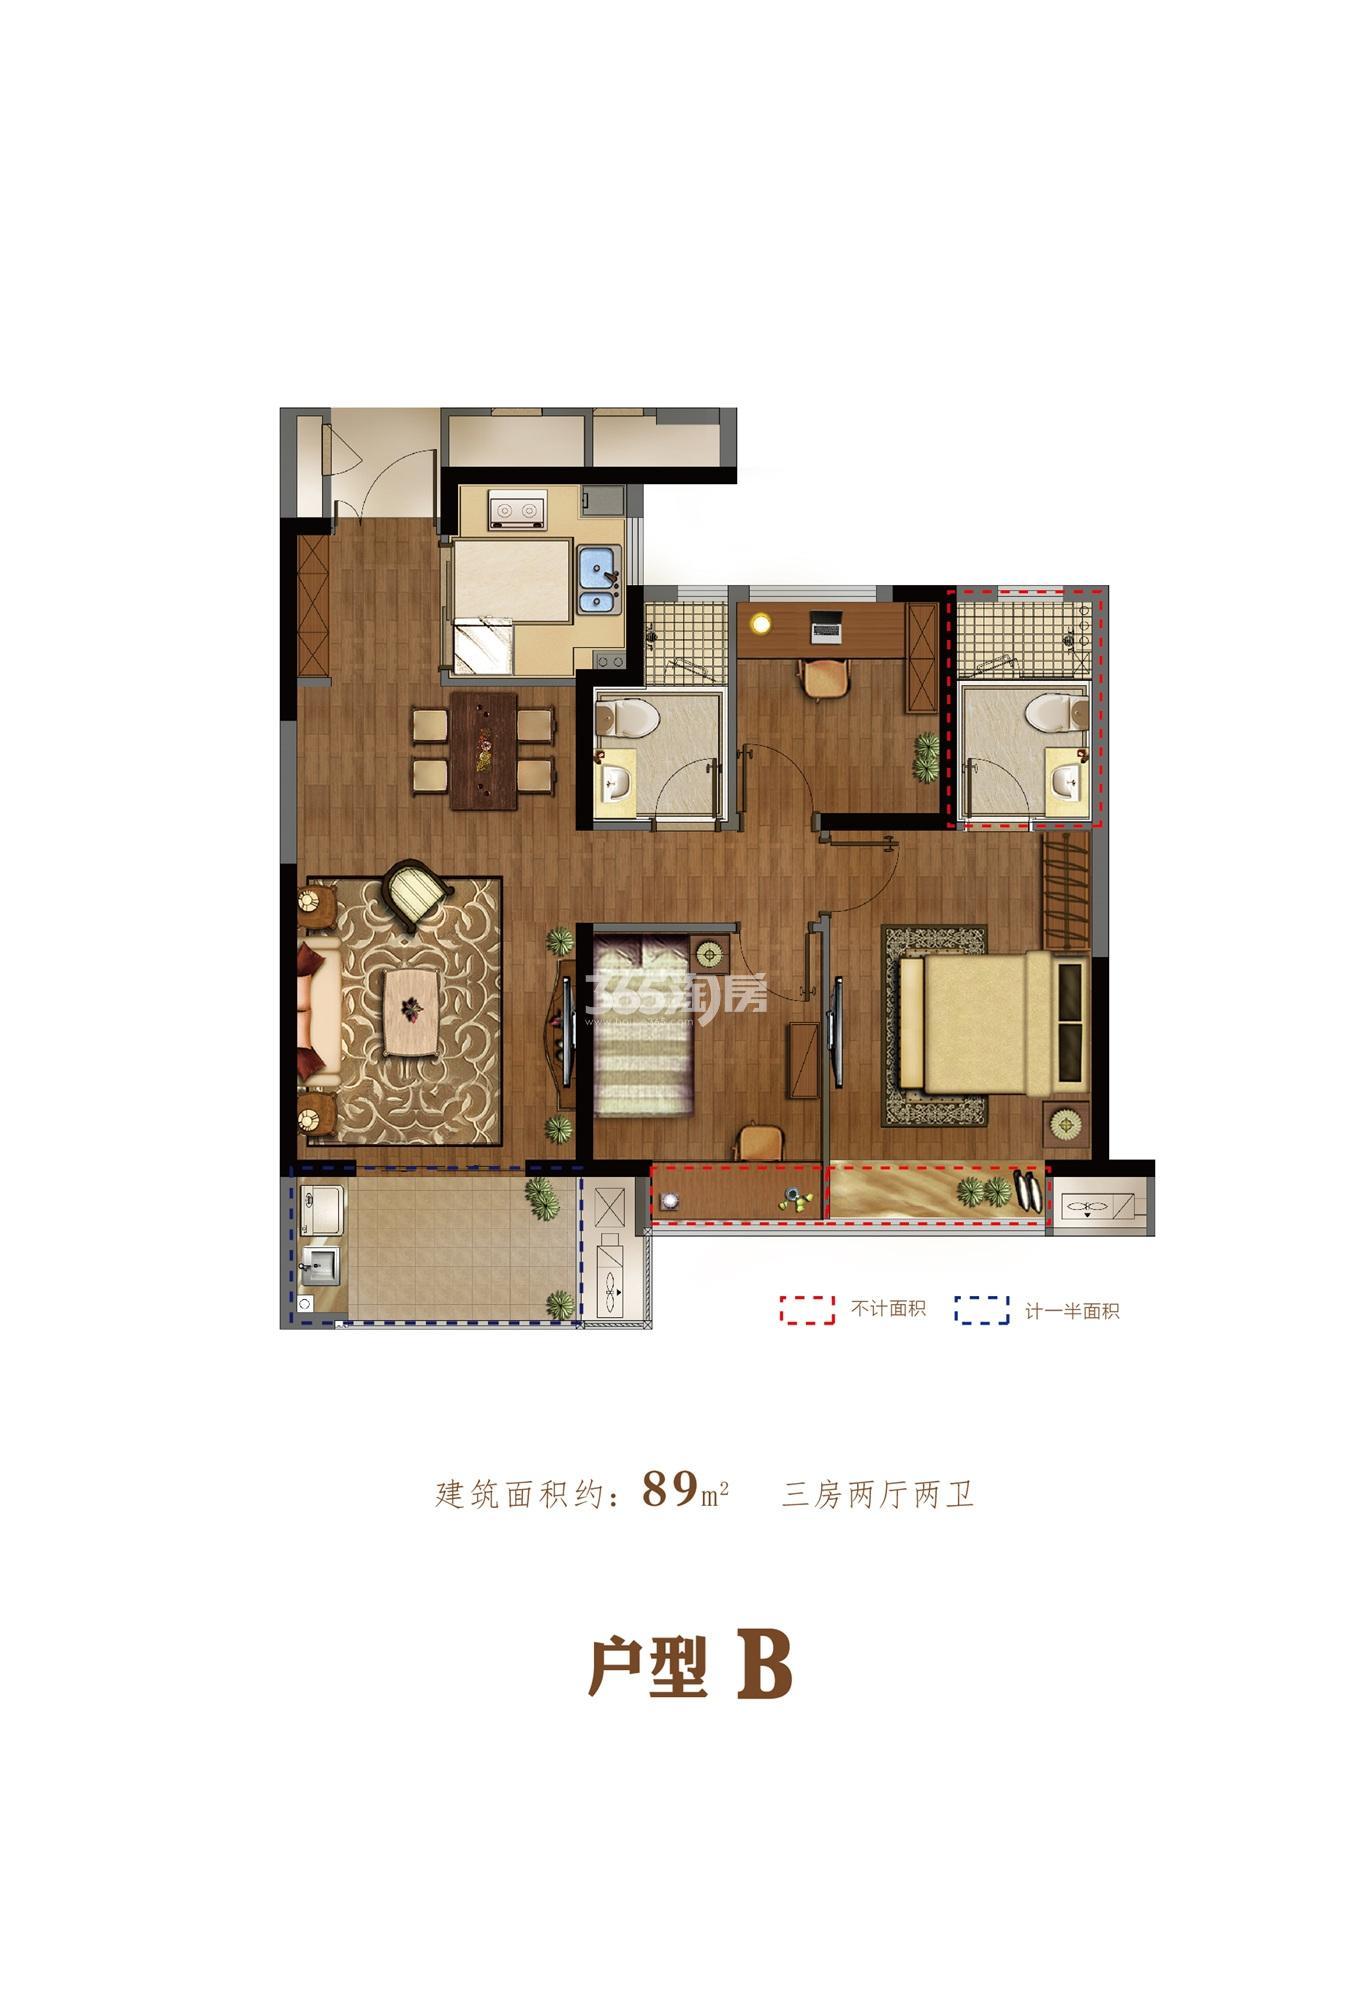 荣安翡翠半岛高层12-16号楼中间套B户型 89㎡